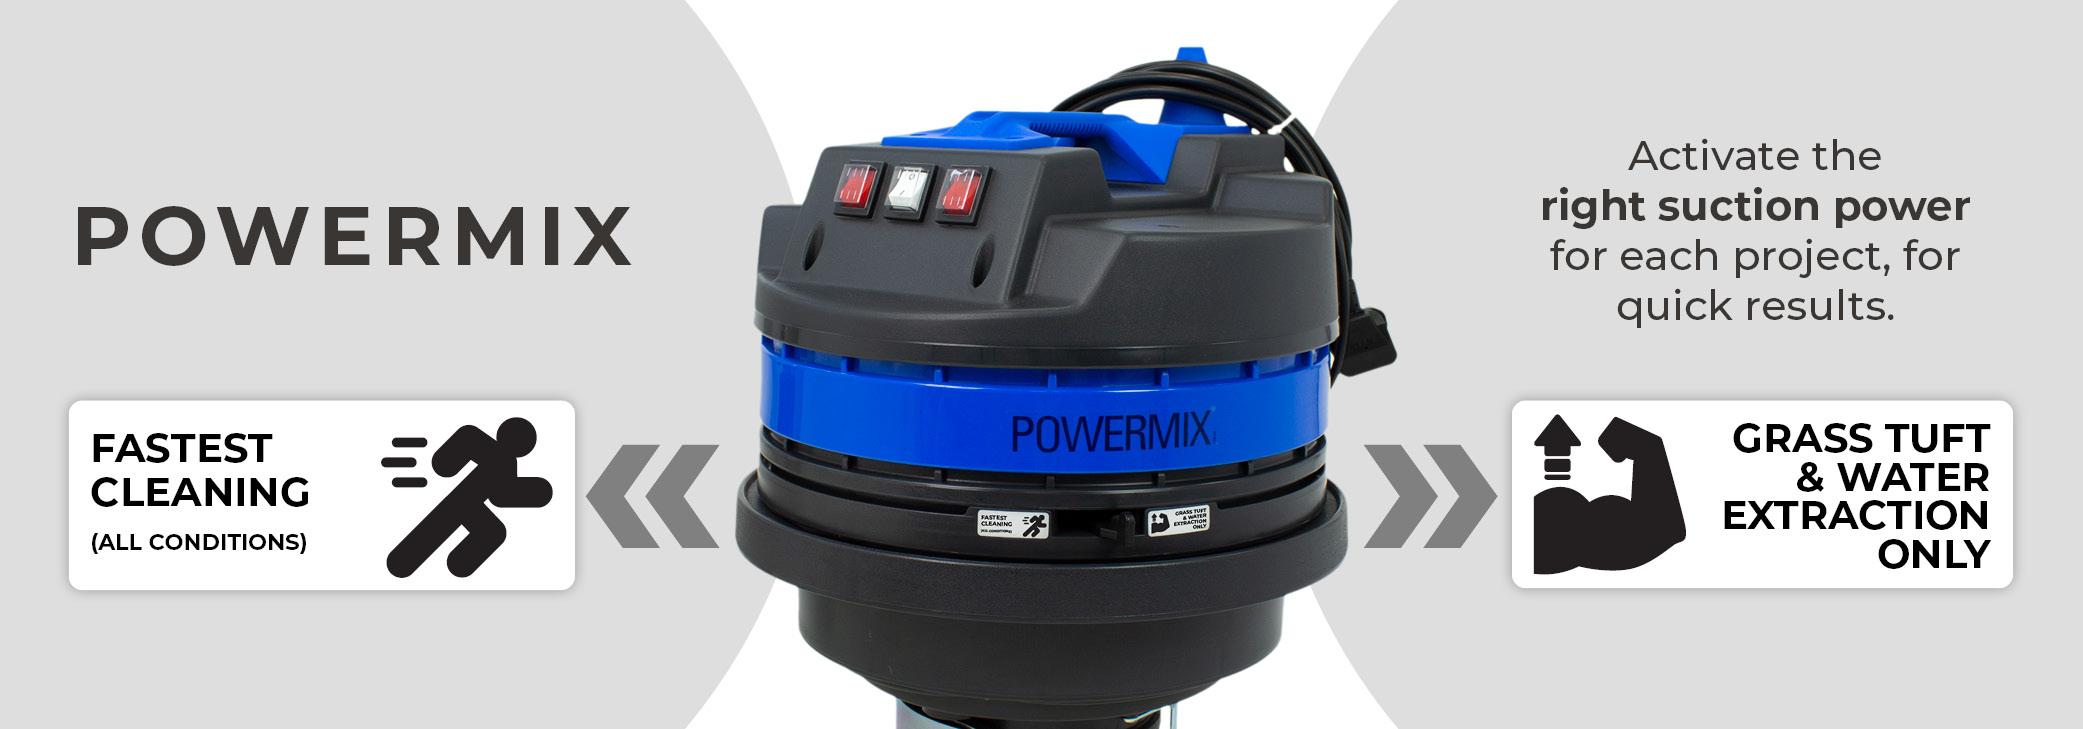 PowerMix Graphic